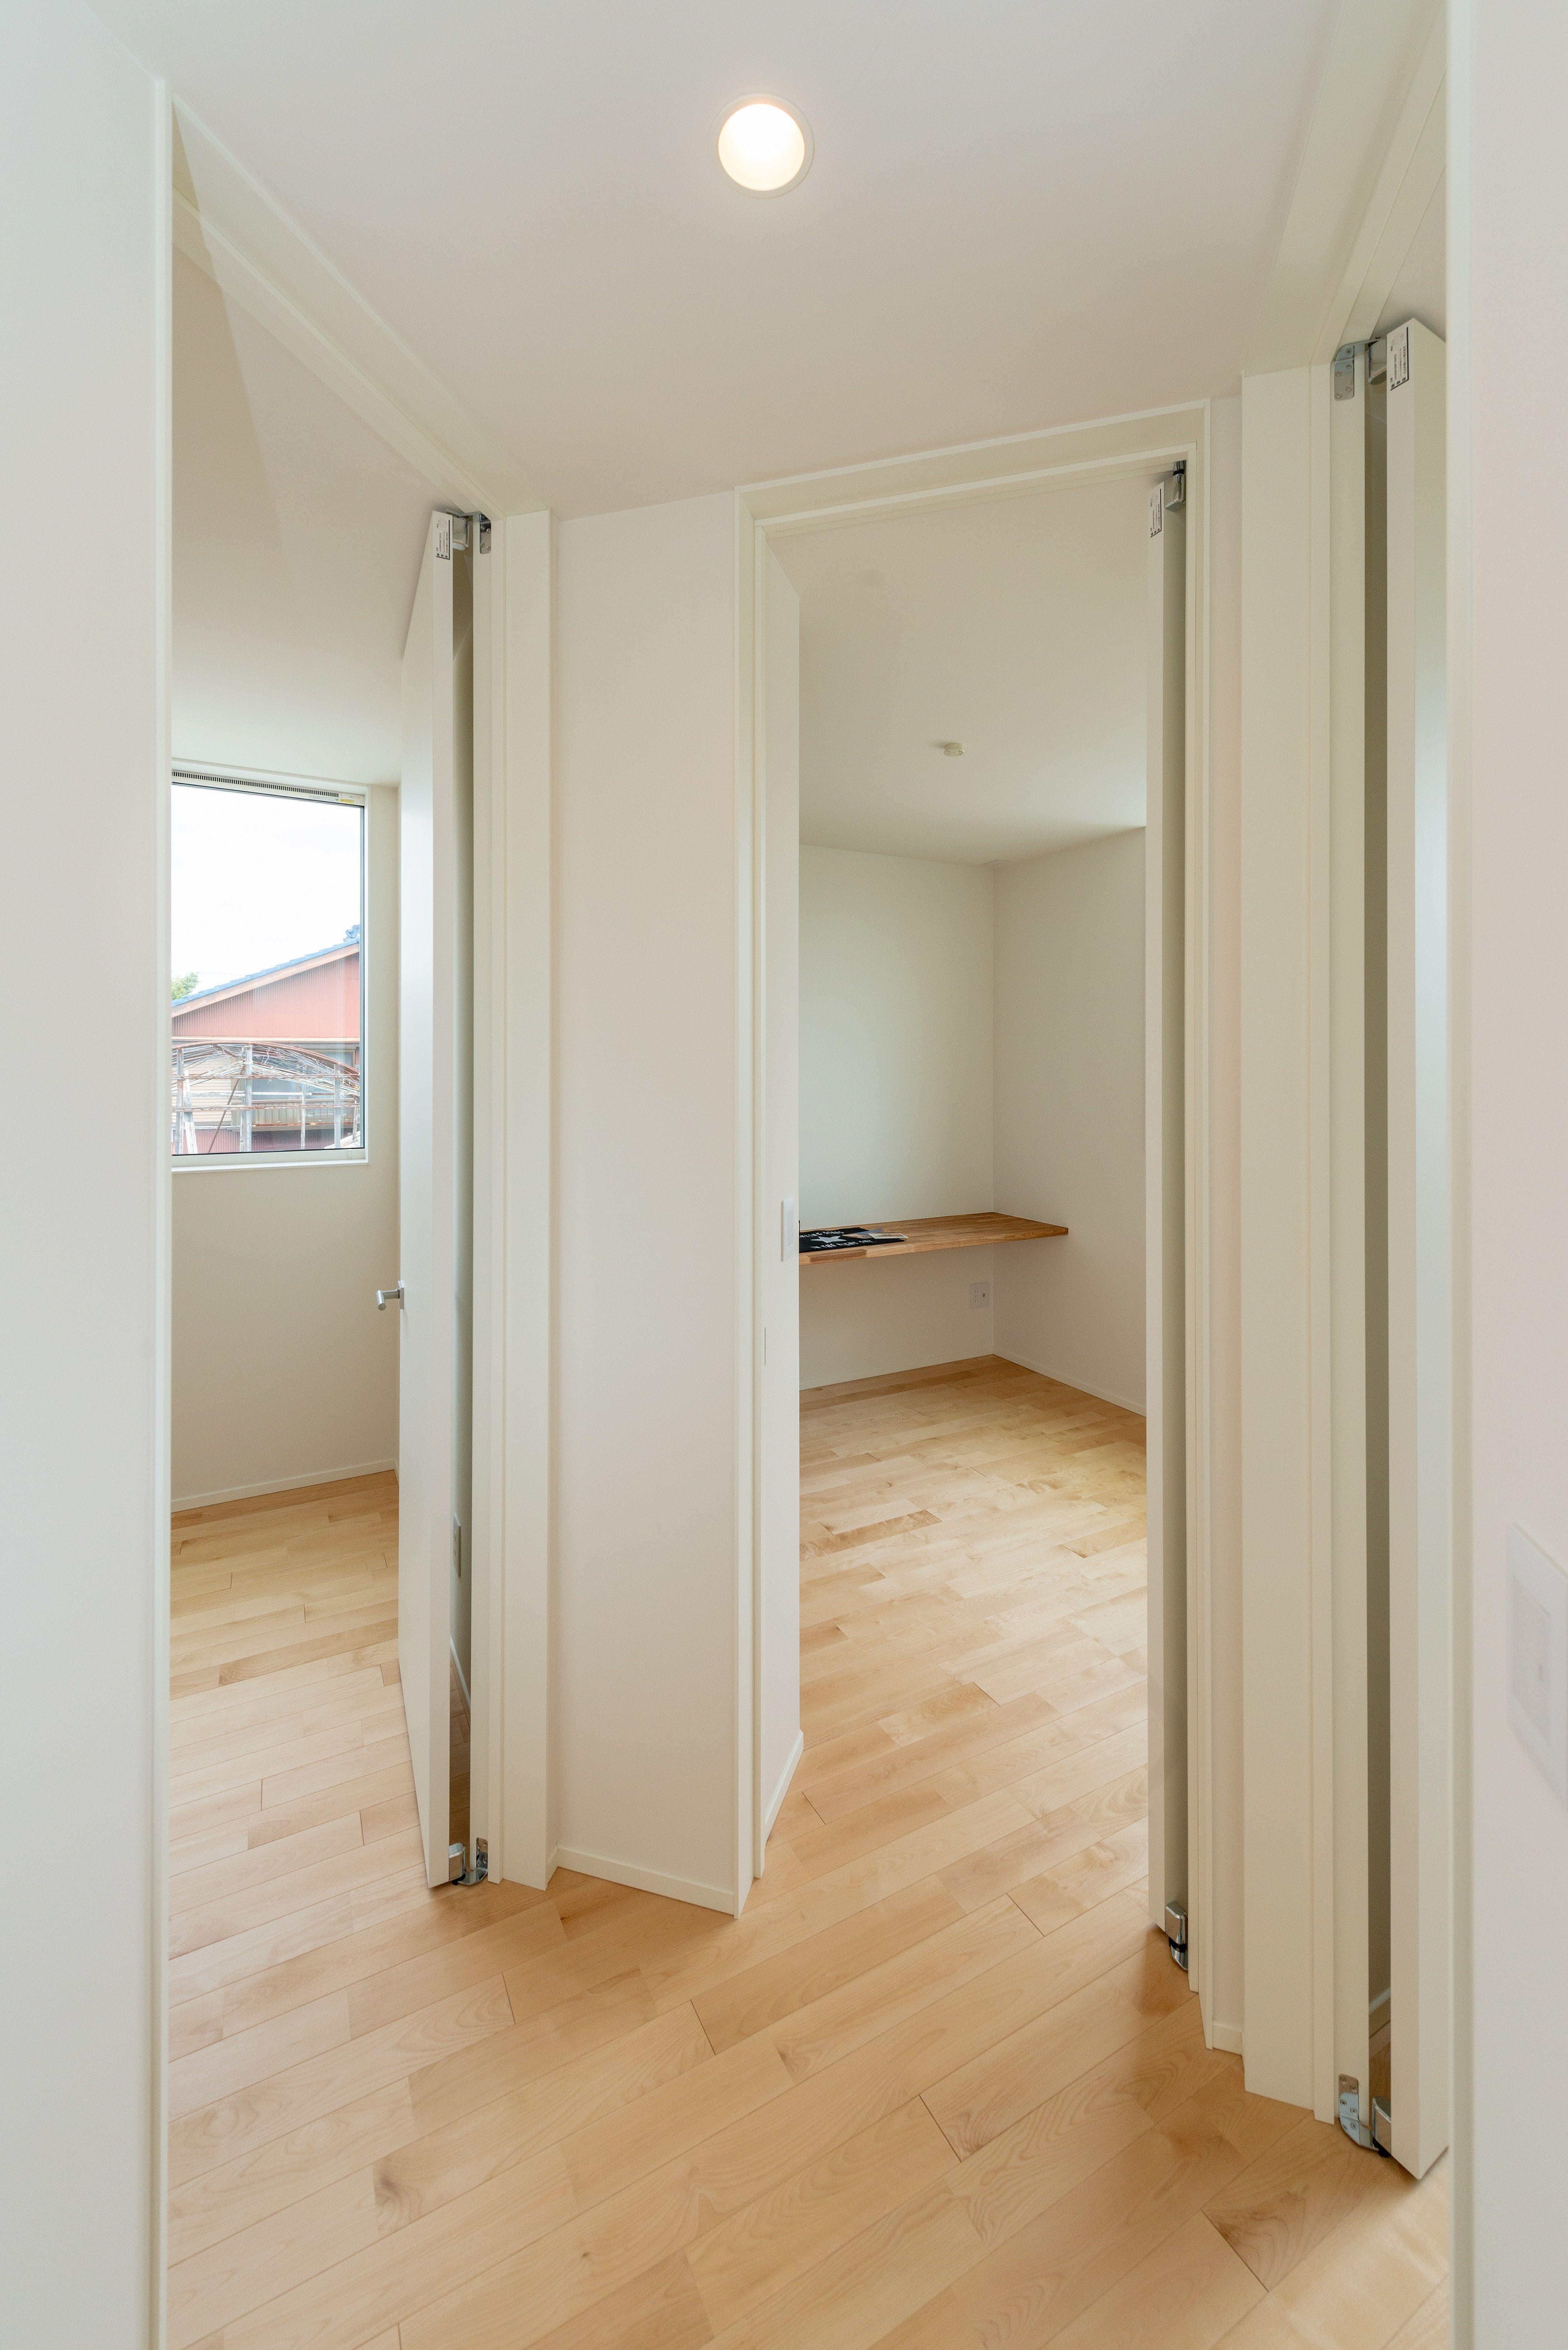 ちょっと変わった各部屋の入口 Home Decor Home Decor